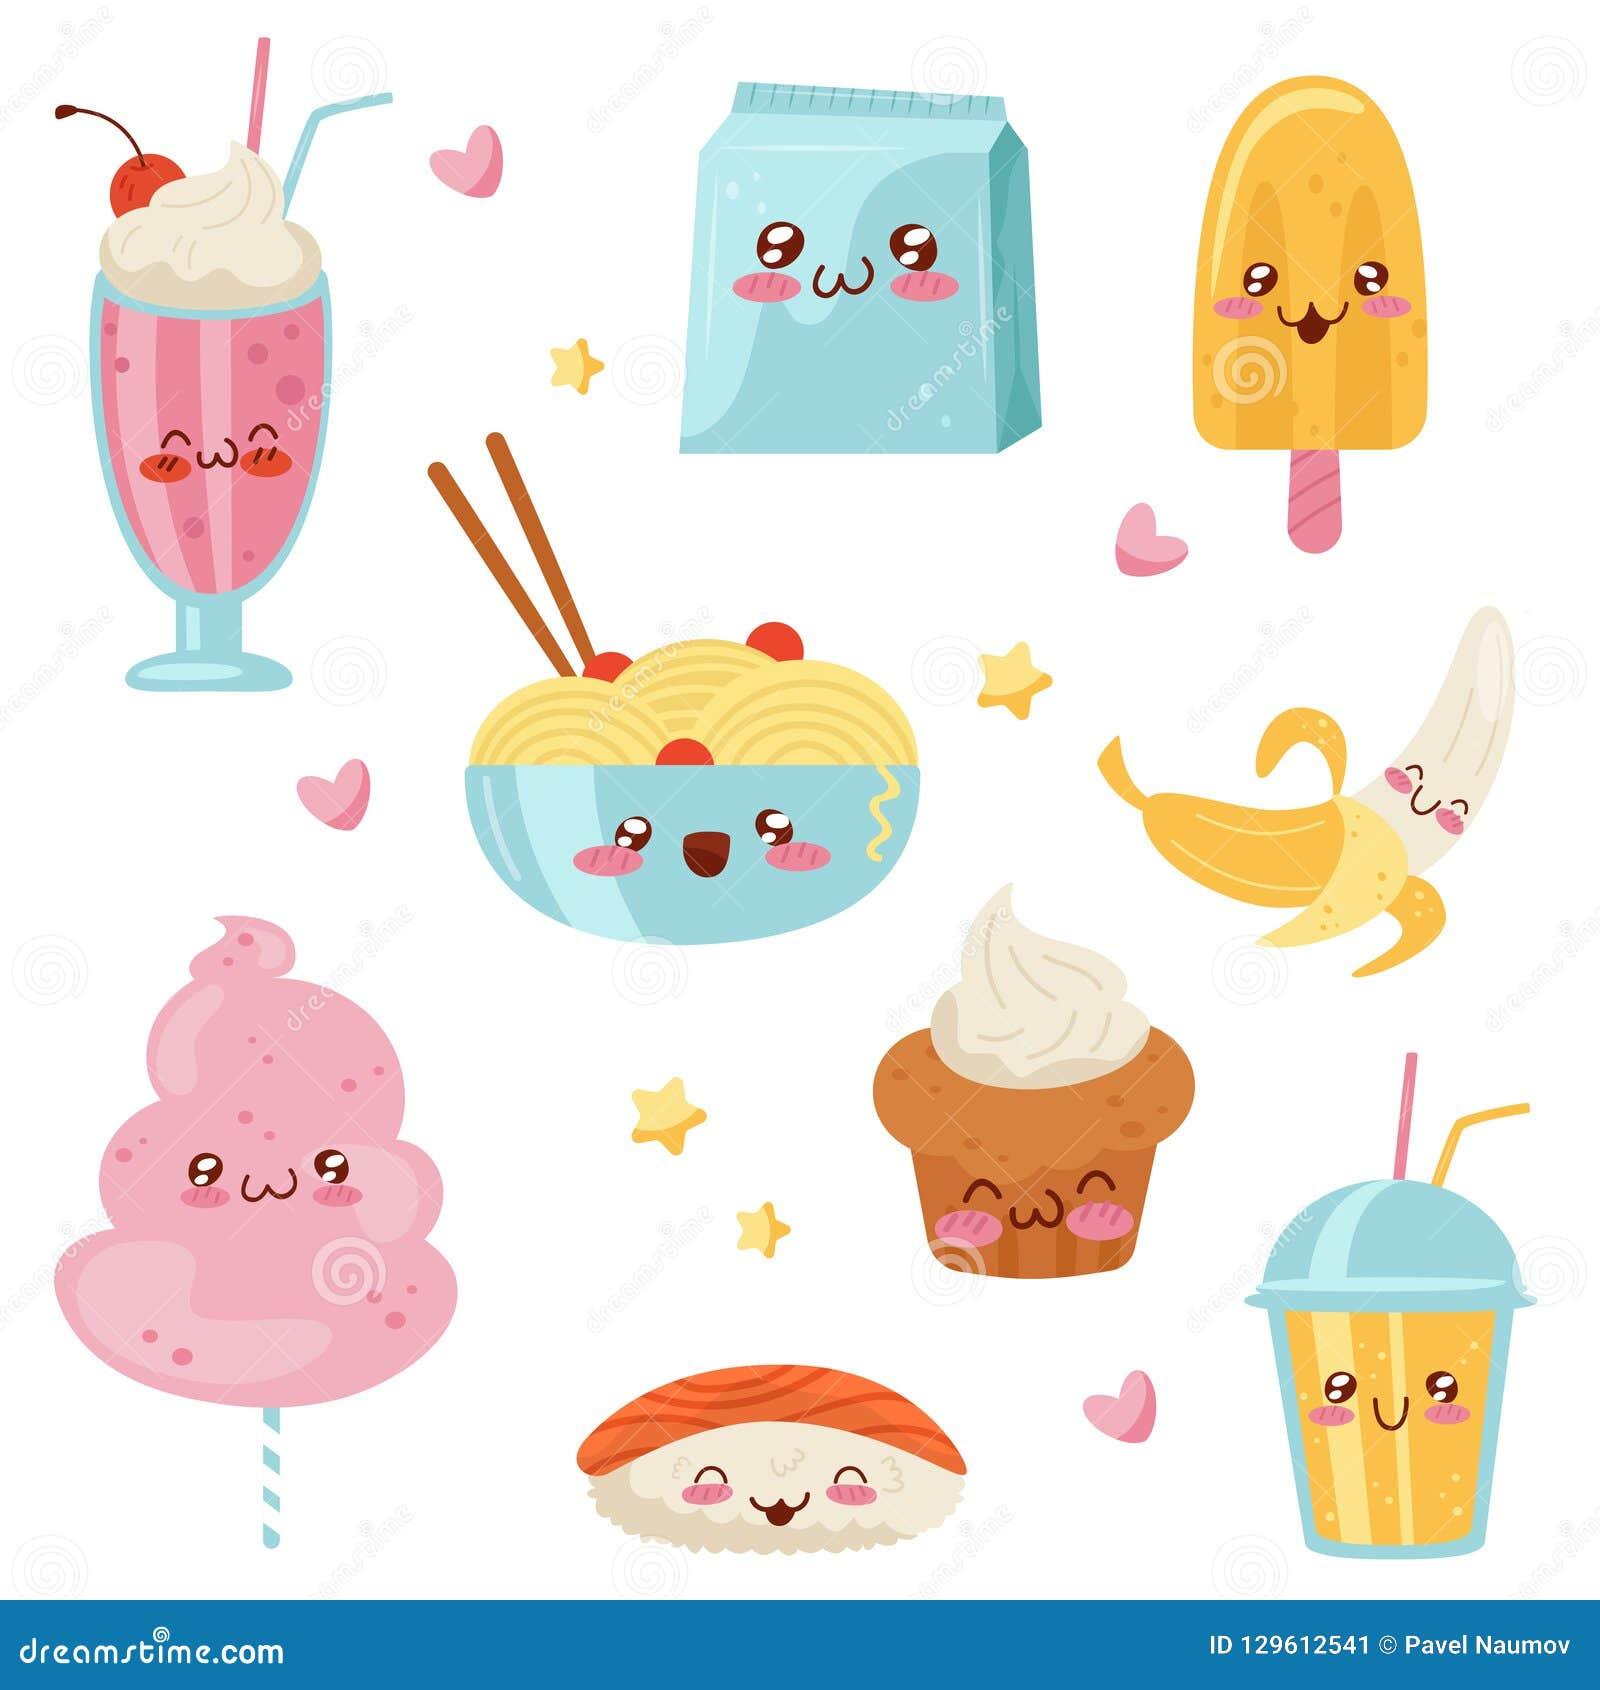 Personnages De Dessin Animé Mignons Ensemble Desserts Bonbons